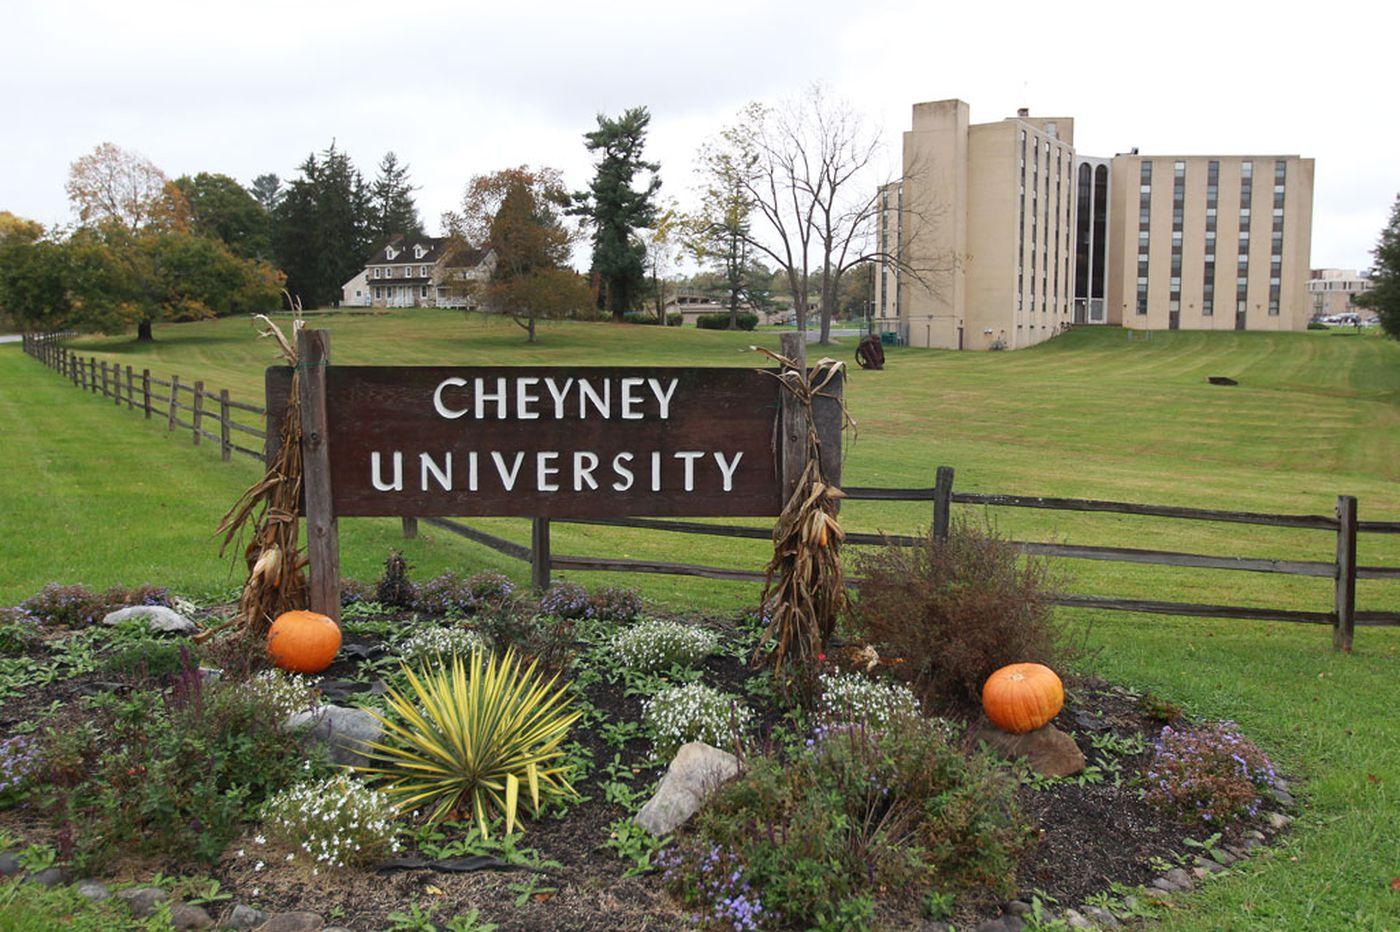 Cheyney balances budget and raises $4.4 million, both key to keeping it afloat